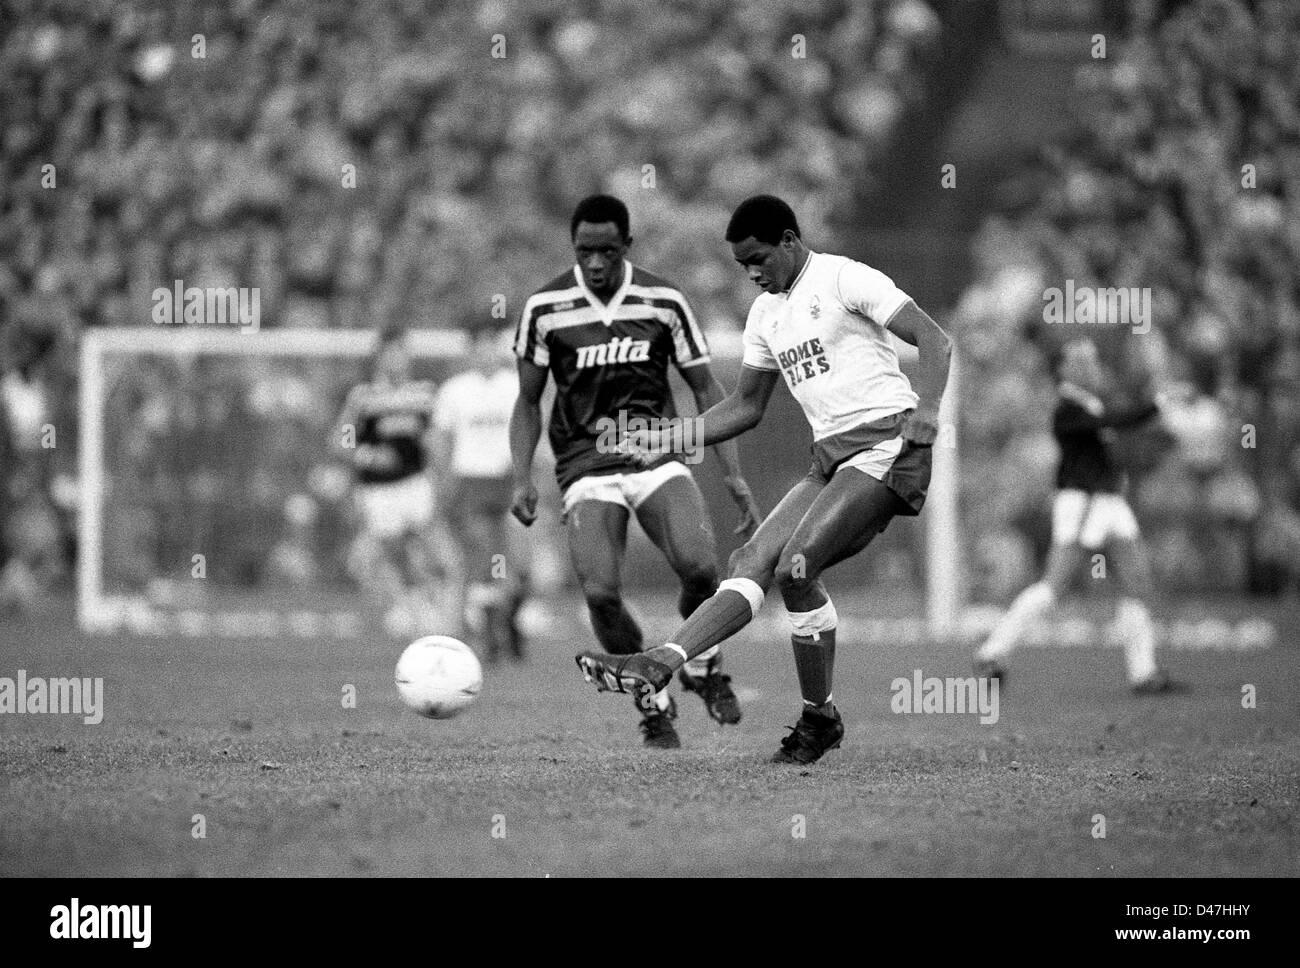 Aston Villa footballer Paul Mortimer in action during the league ...